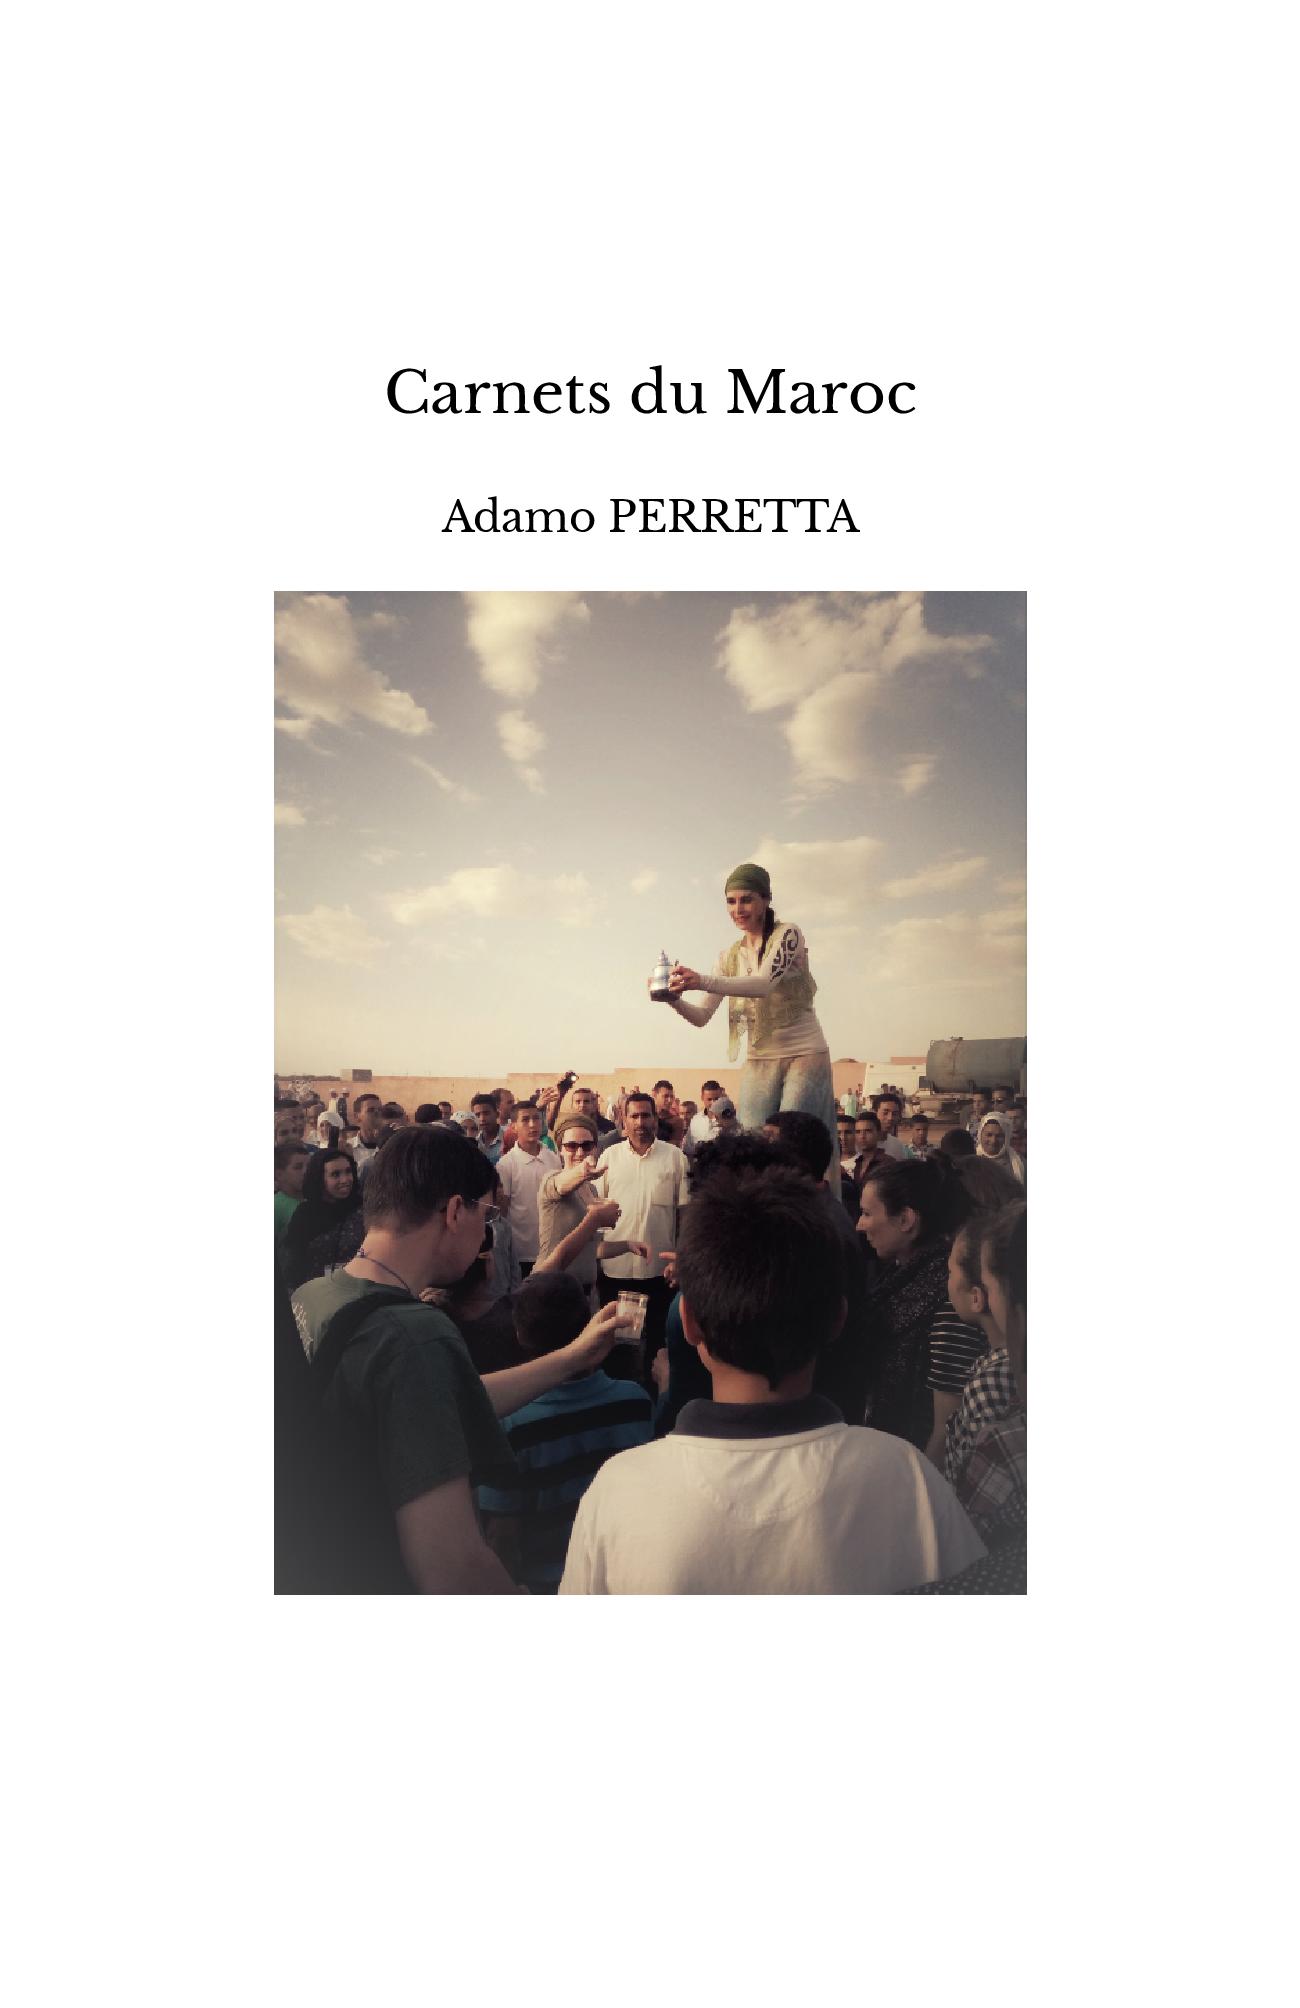 Carnets du Maroc